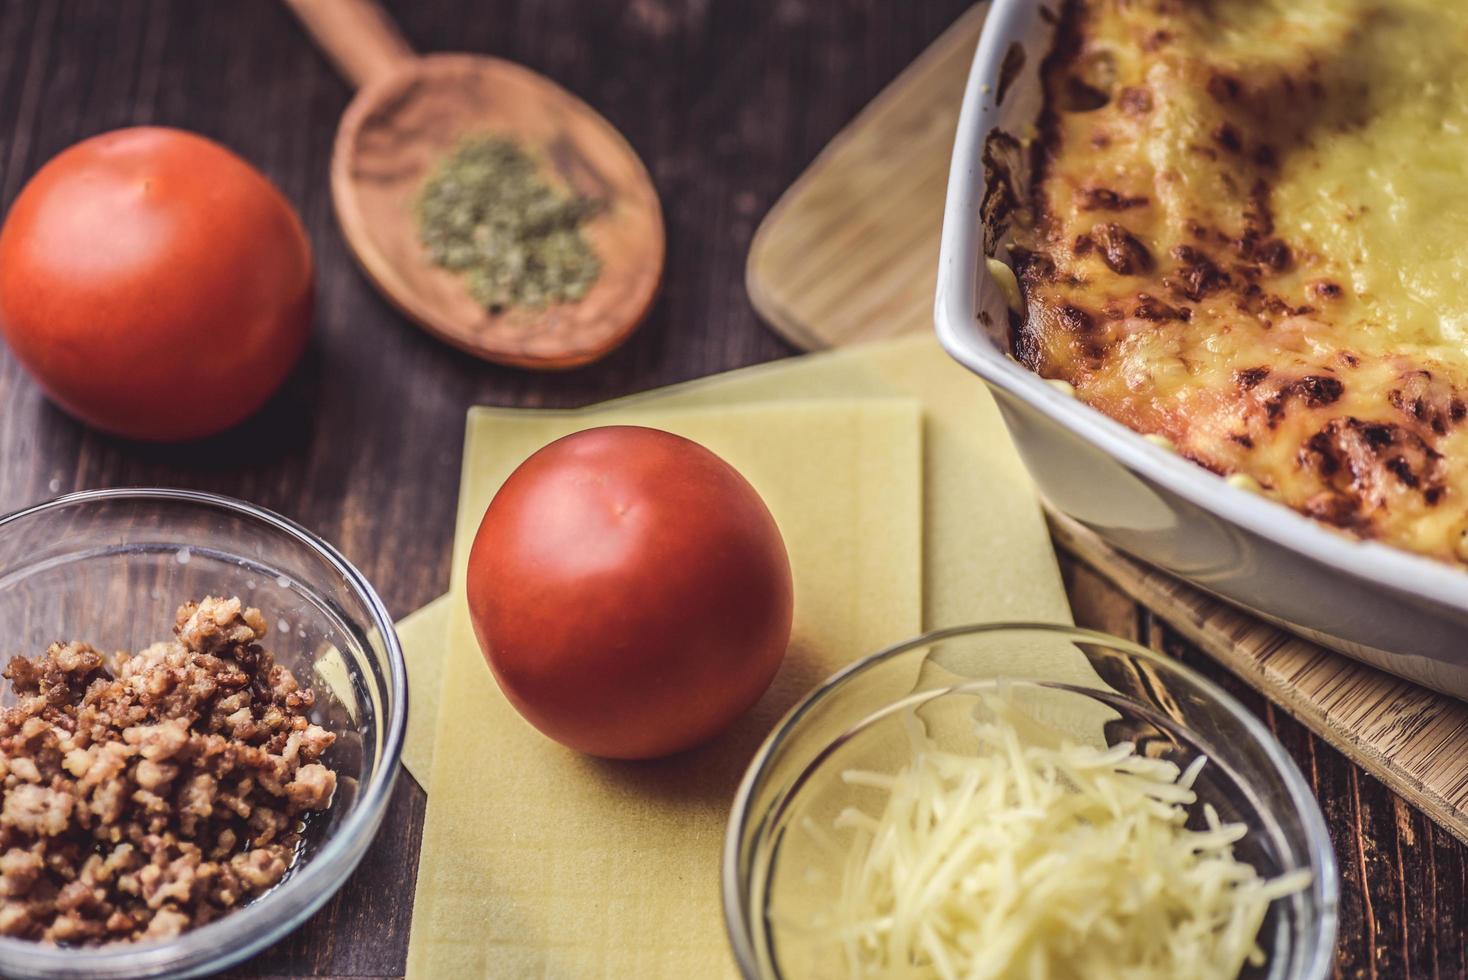 gebakken lasagne met ingrediënten foto